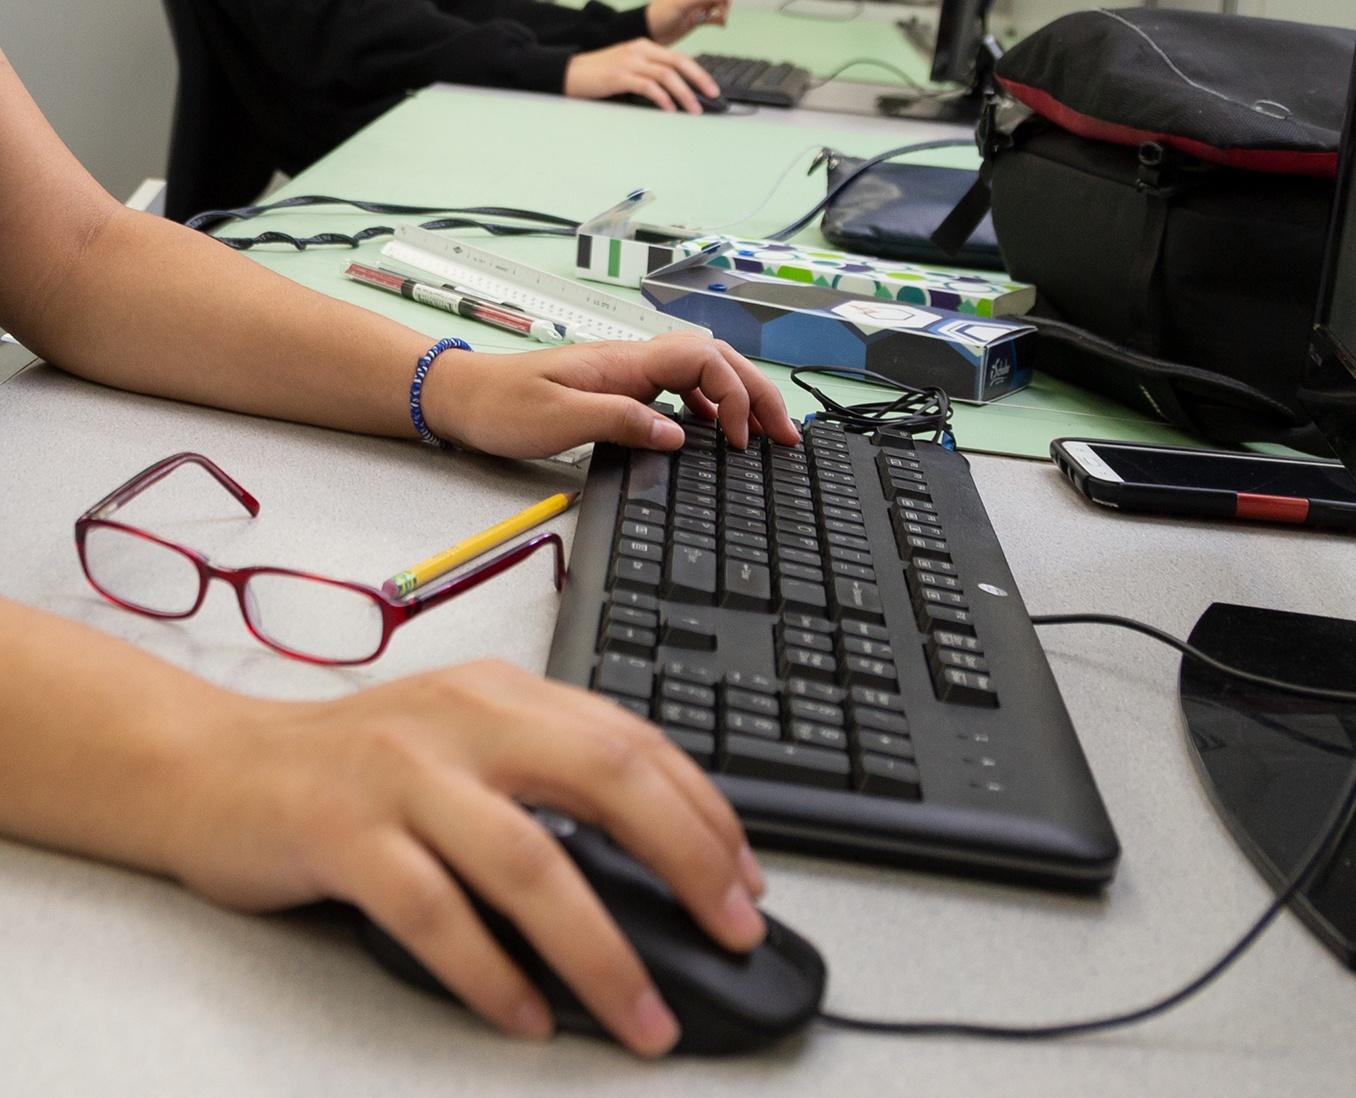 keyboardpad